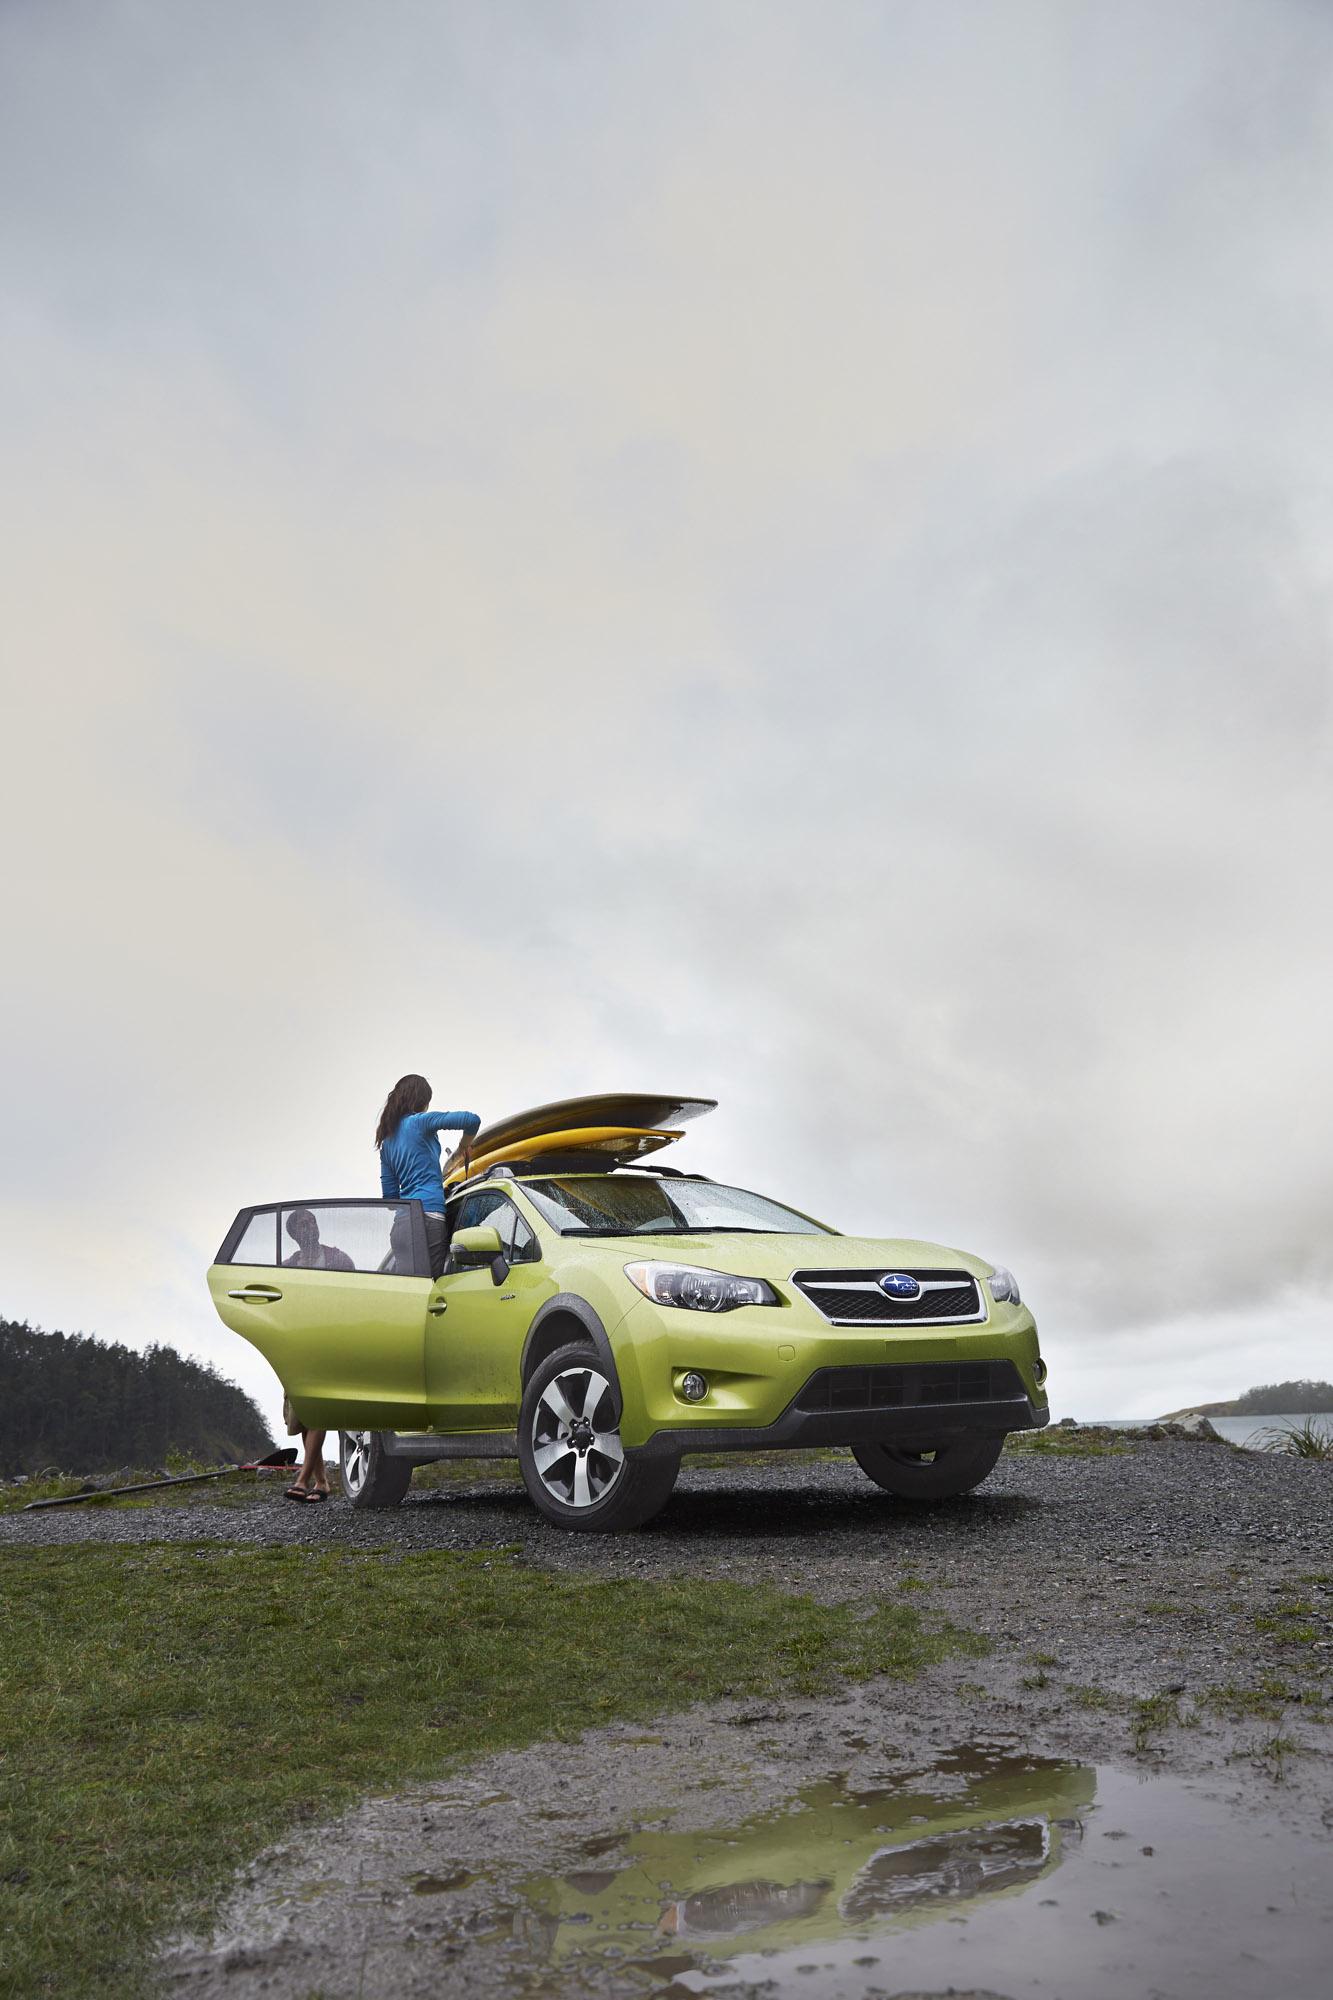 2014 Subaru XV Crosstek гибрид открыл в Нью-Йорке  - фотография №1